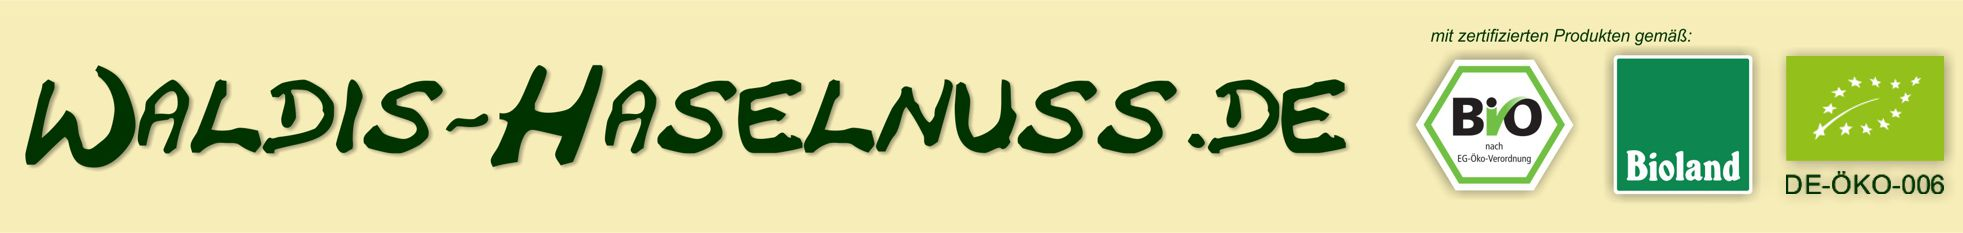 Logo Waldis Haselnuss